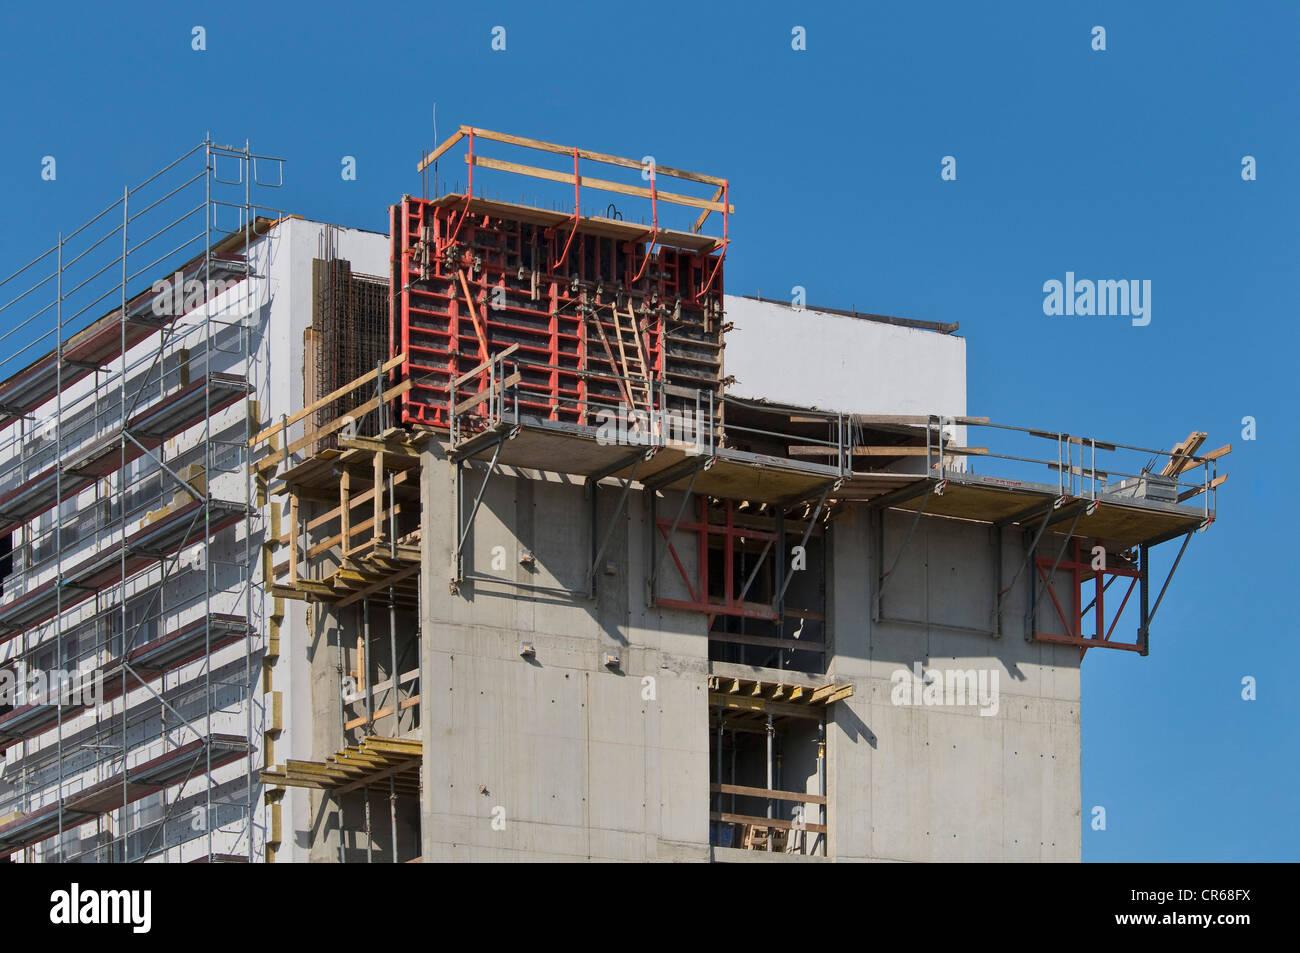 Bau eines Gebäudes, Verkleidung der neuen Komponenten mit Gerüst Stockbild